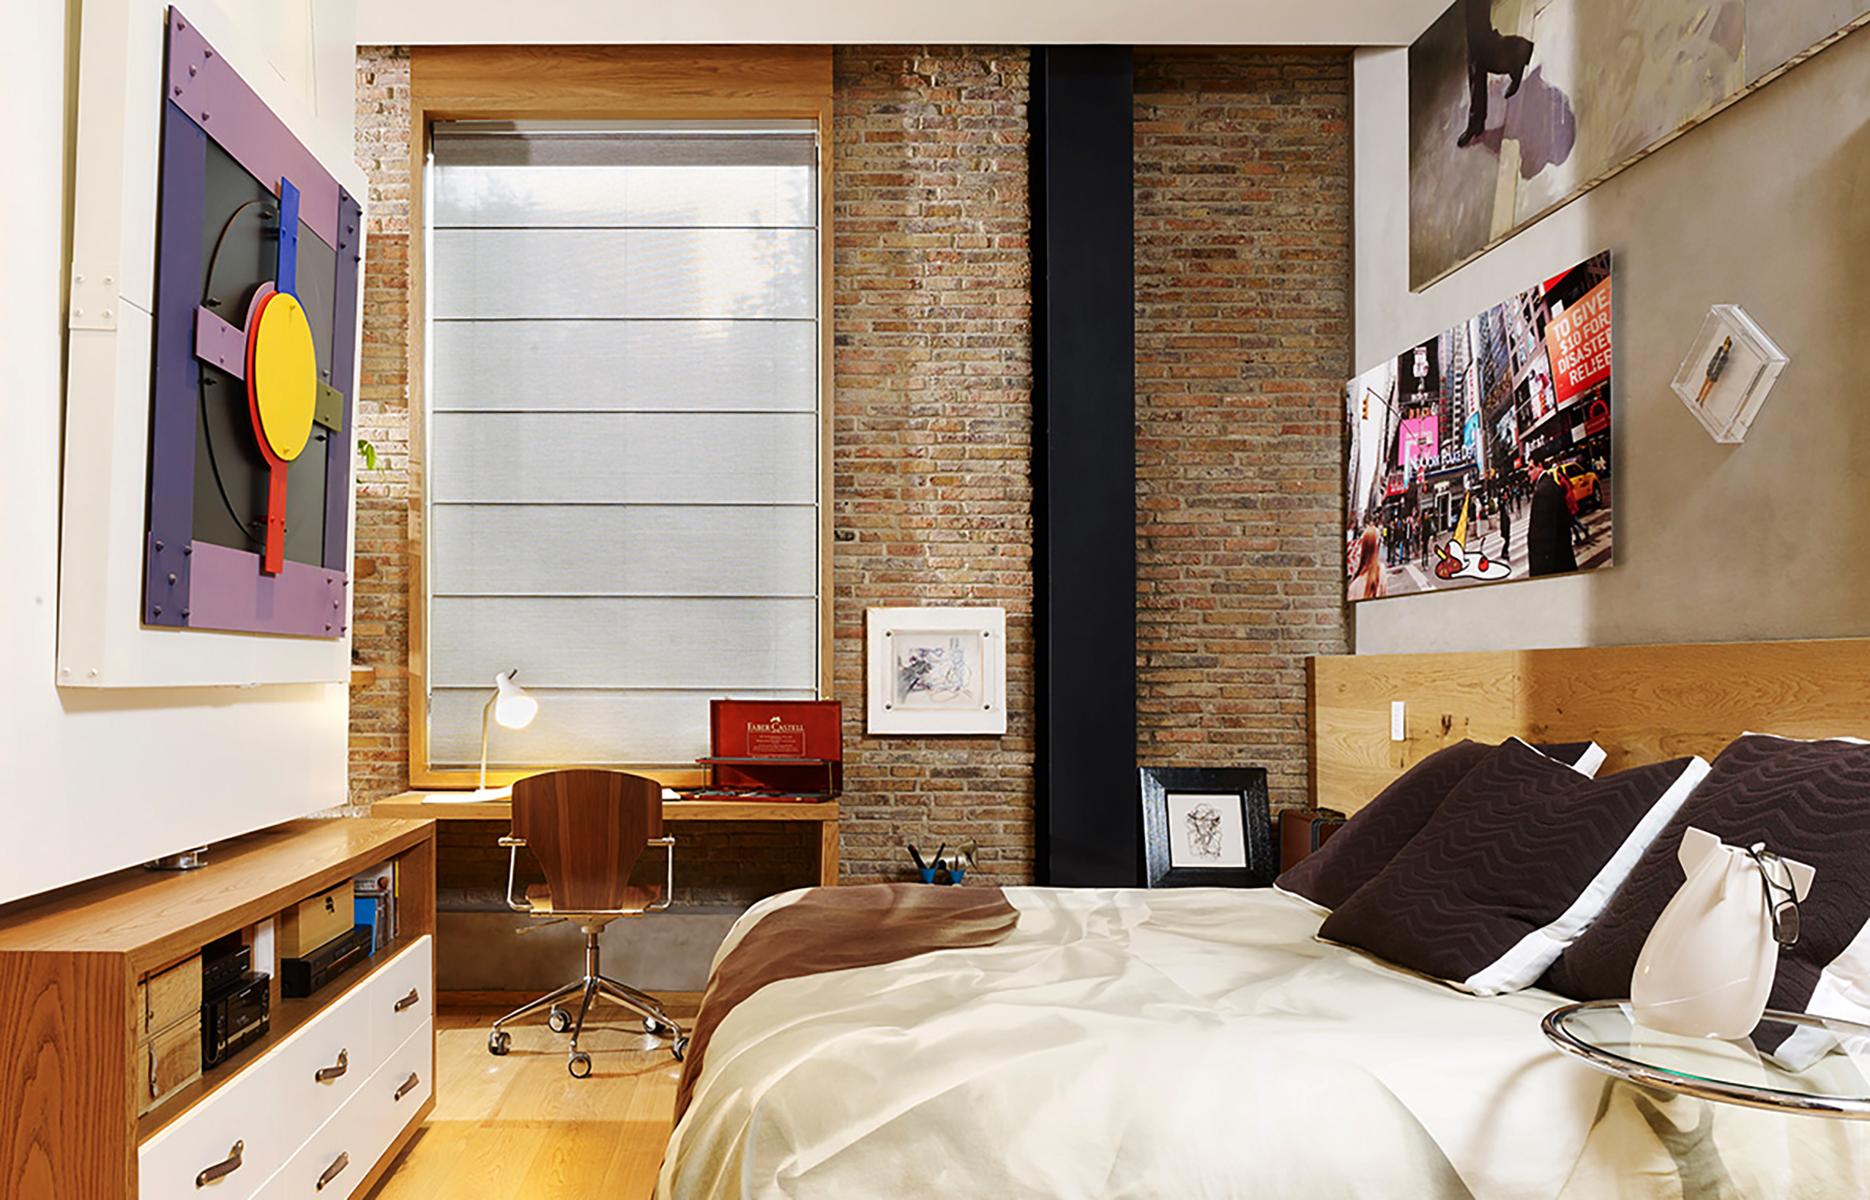 <a href='https://revistaaxxis.com.co/90m-de-puro-arte-colombiano-y-diseno-contemporaneo/'><h2>90m de puro arte colombiano y diseño contemporáneo</h2>Este apartamento en Bogotá, es un solo espacio en forma de cuña, en el que piezas originales contemporáneas sobresalen dentro del diseño del arquitecto Gabriel Lian.</a>